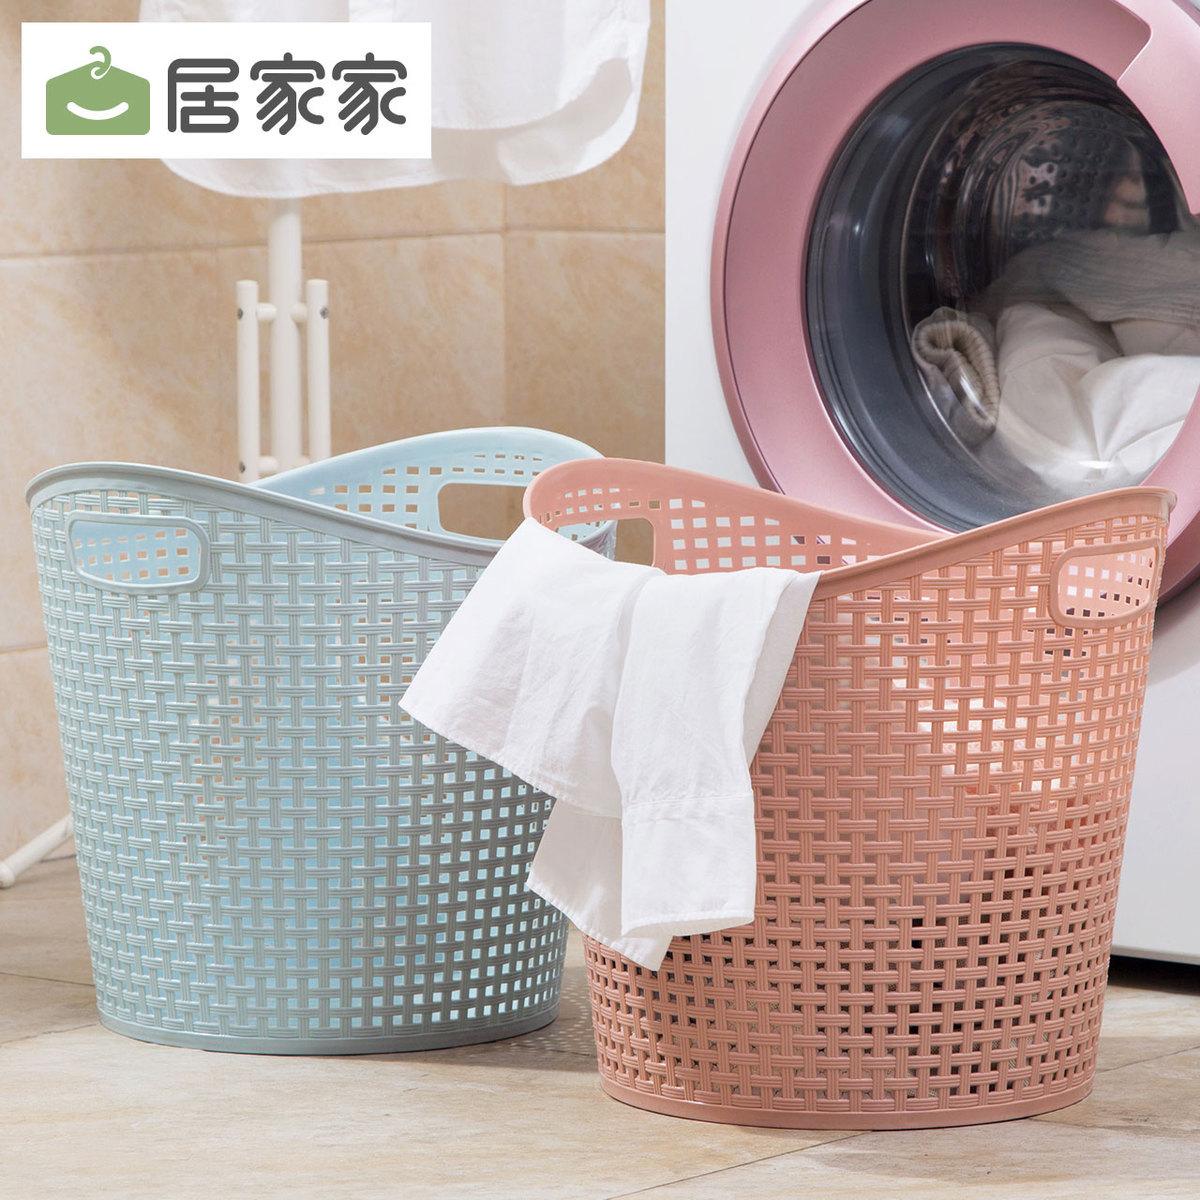 居家家 塑料脏衣篮卫生间洗衣篮 浴室衣物收纳篮脏衣服玩具收纳筐